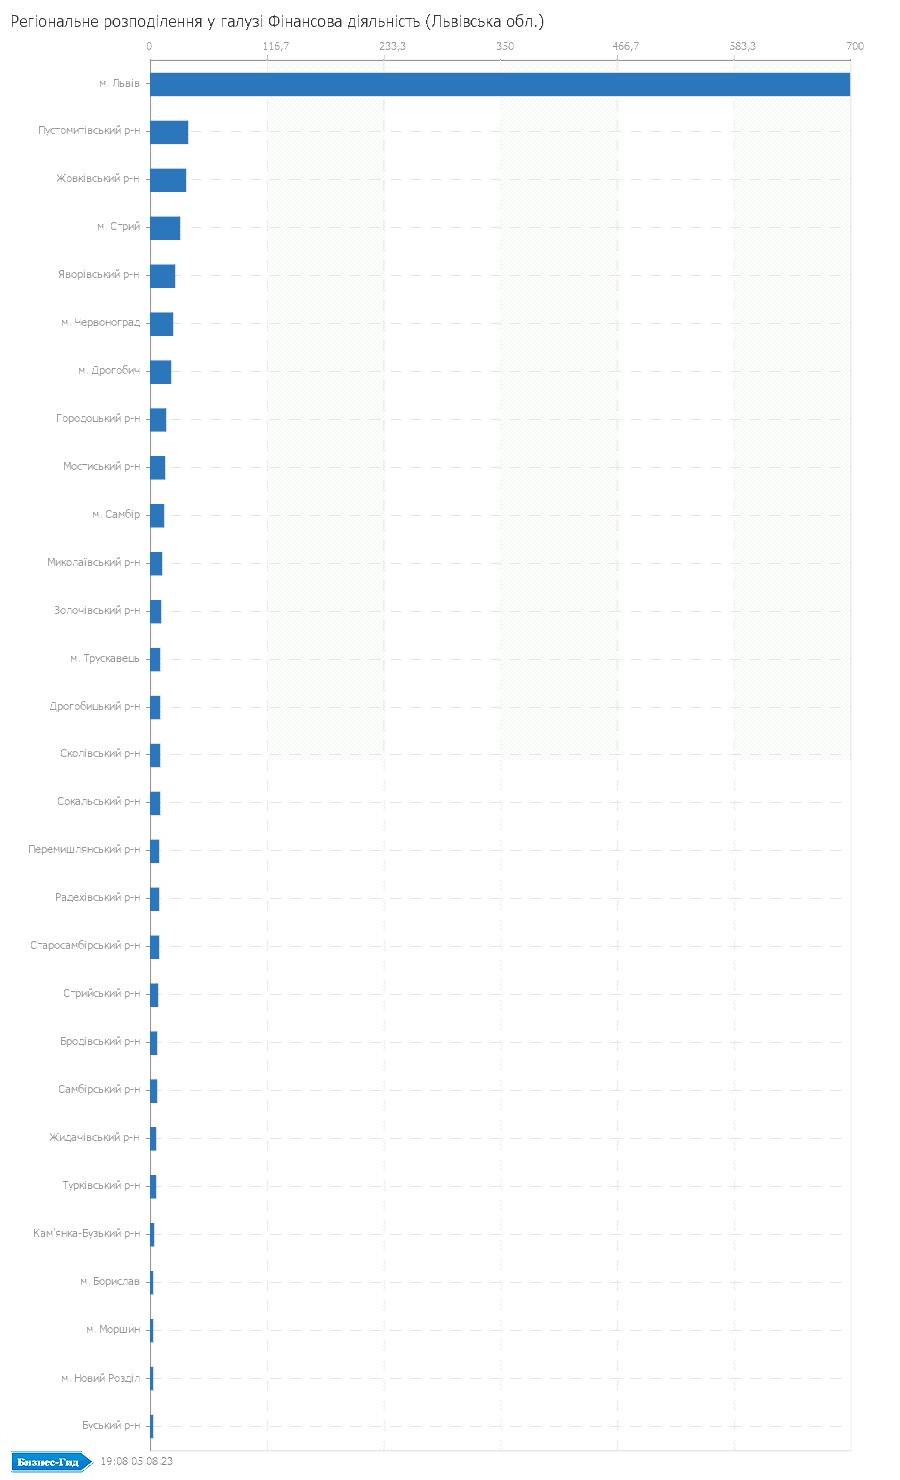 Регіональне розподілення у галузі: Фiнансова дiяльнiсть (Львівська обл.)